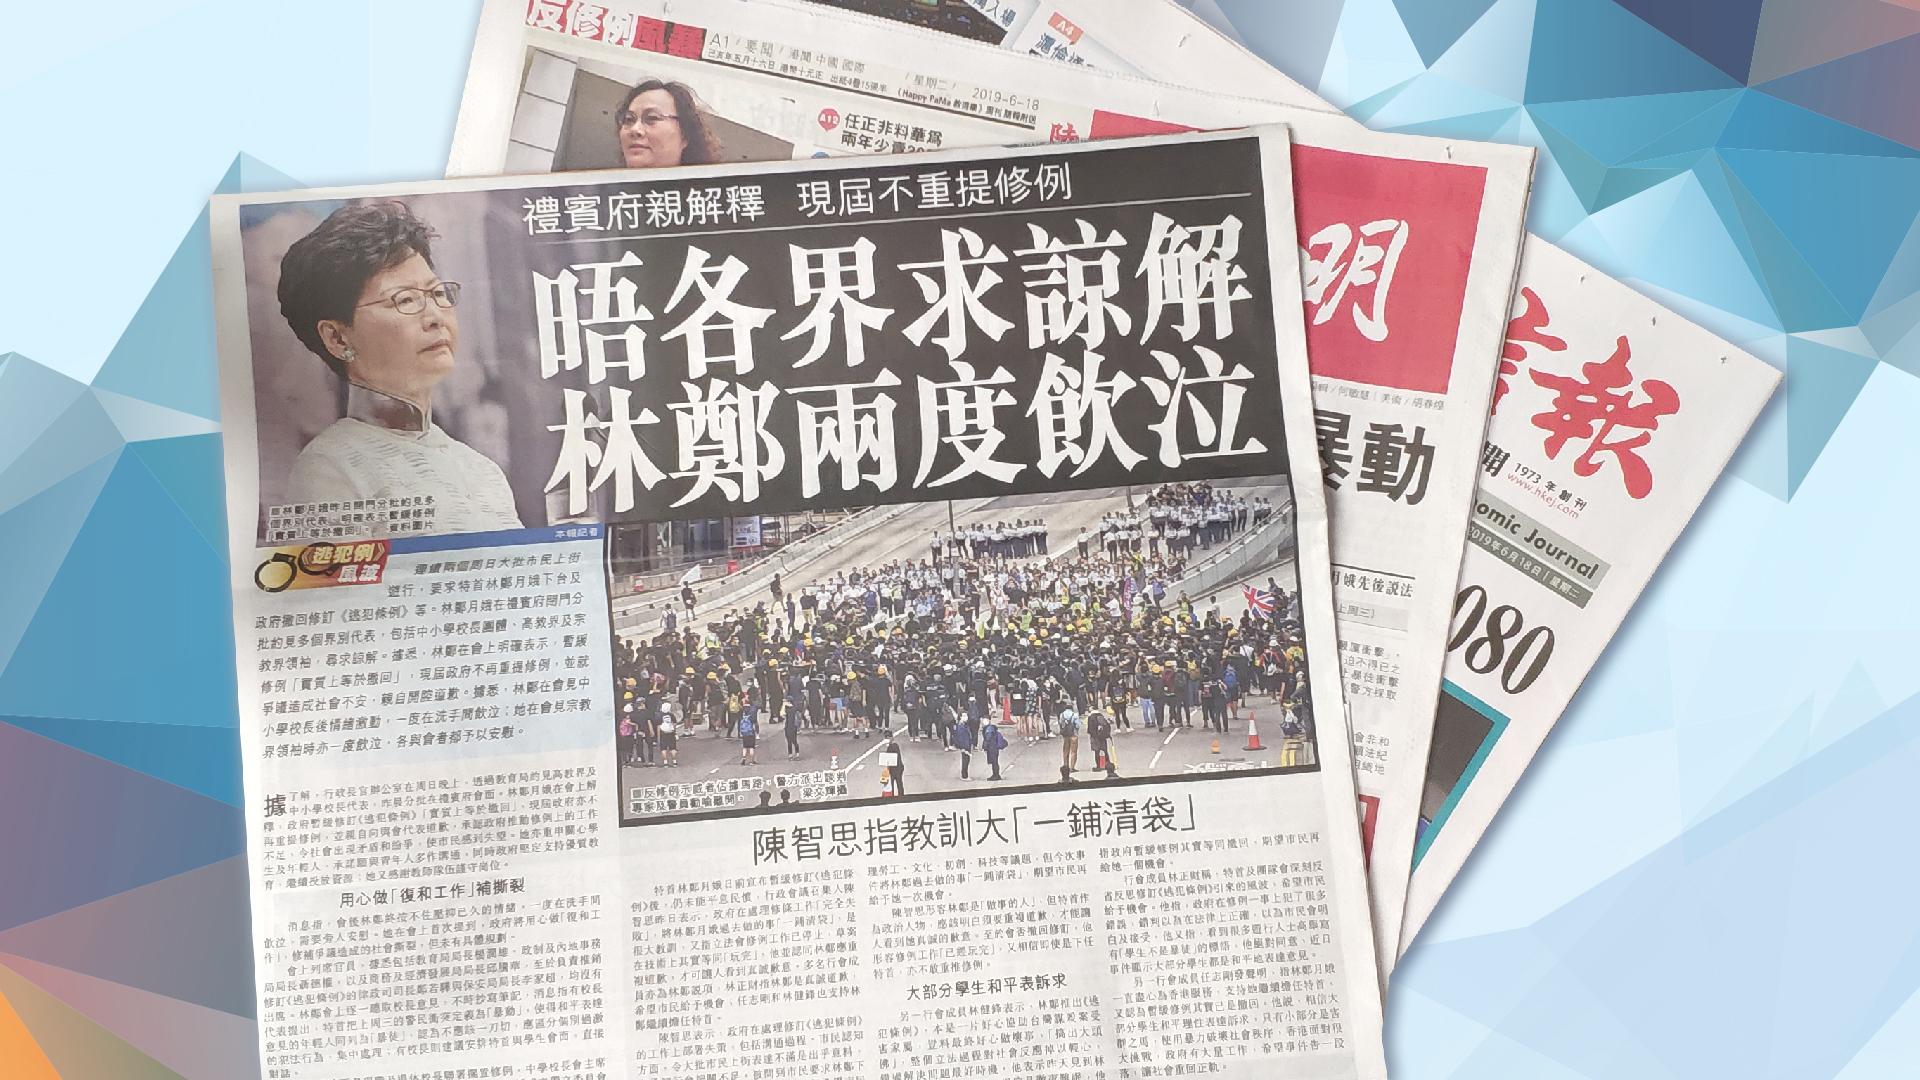 【報章A1速覽】晤各界求諒解 林鄭兩度飲泣;盧偉聰:沒說整個事件是暴動